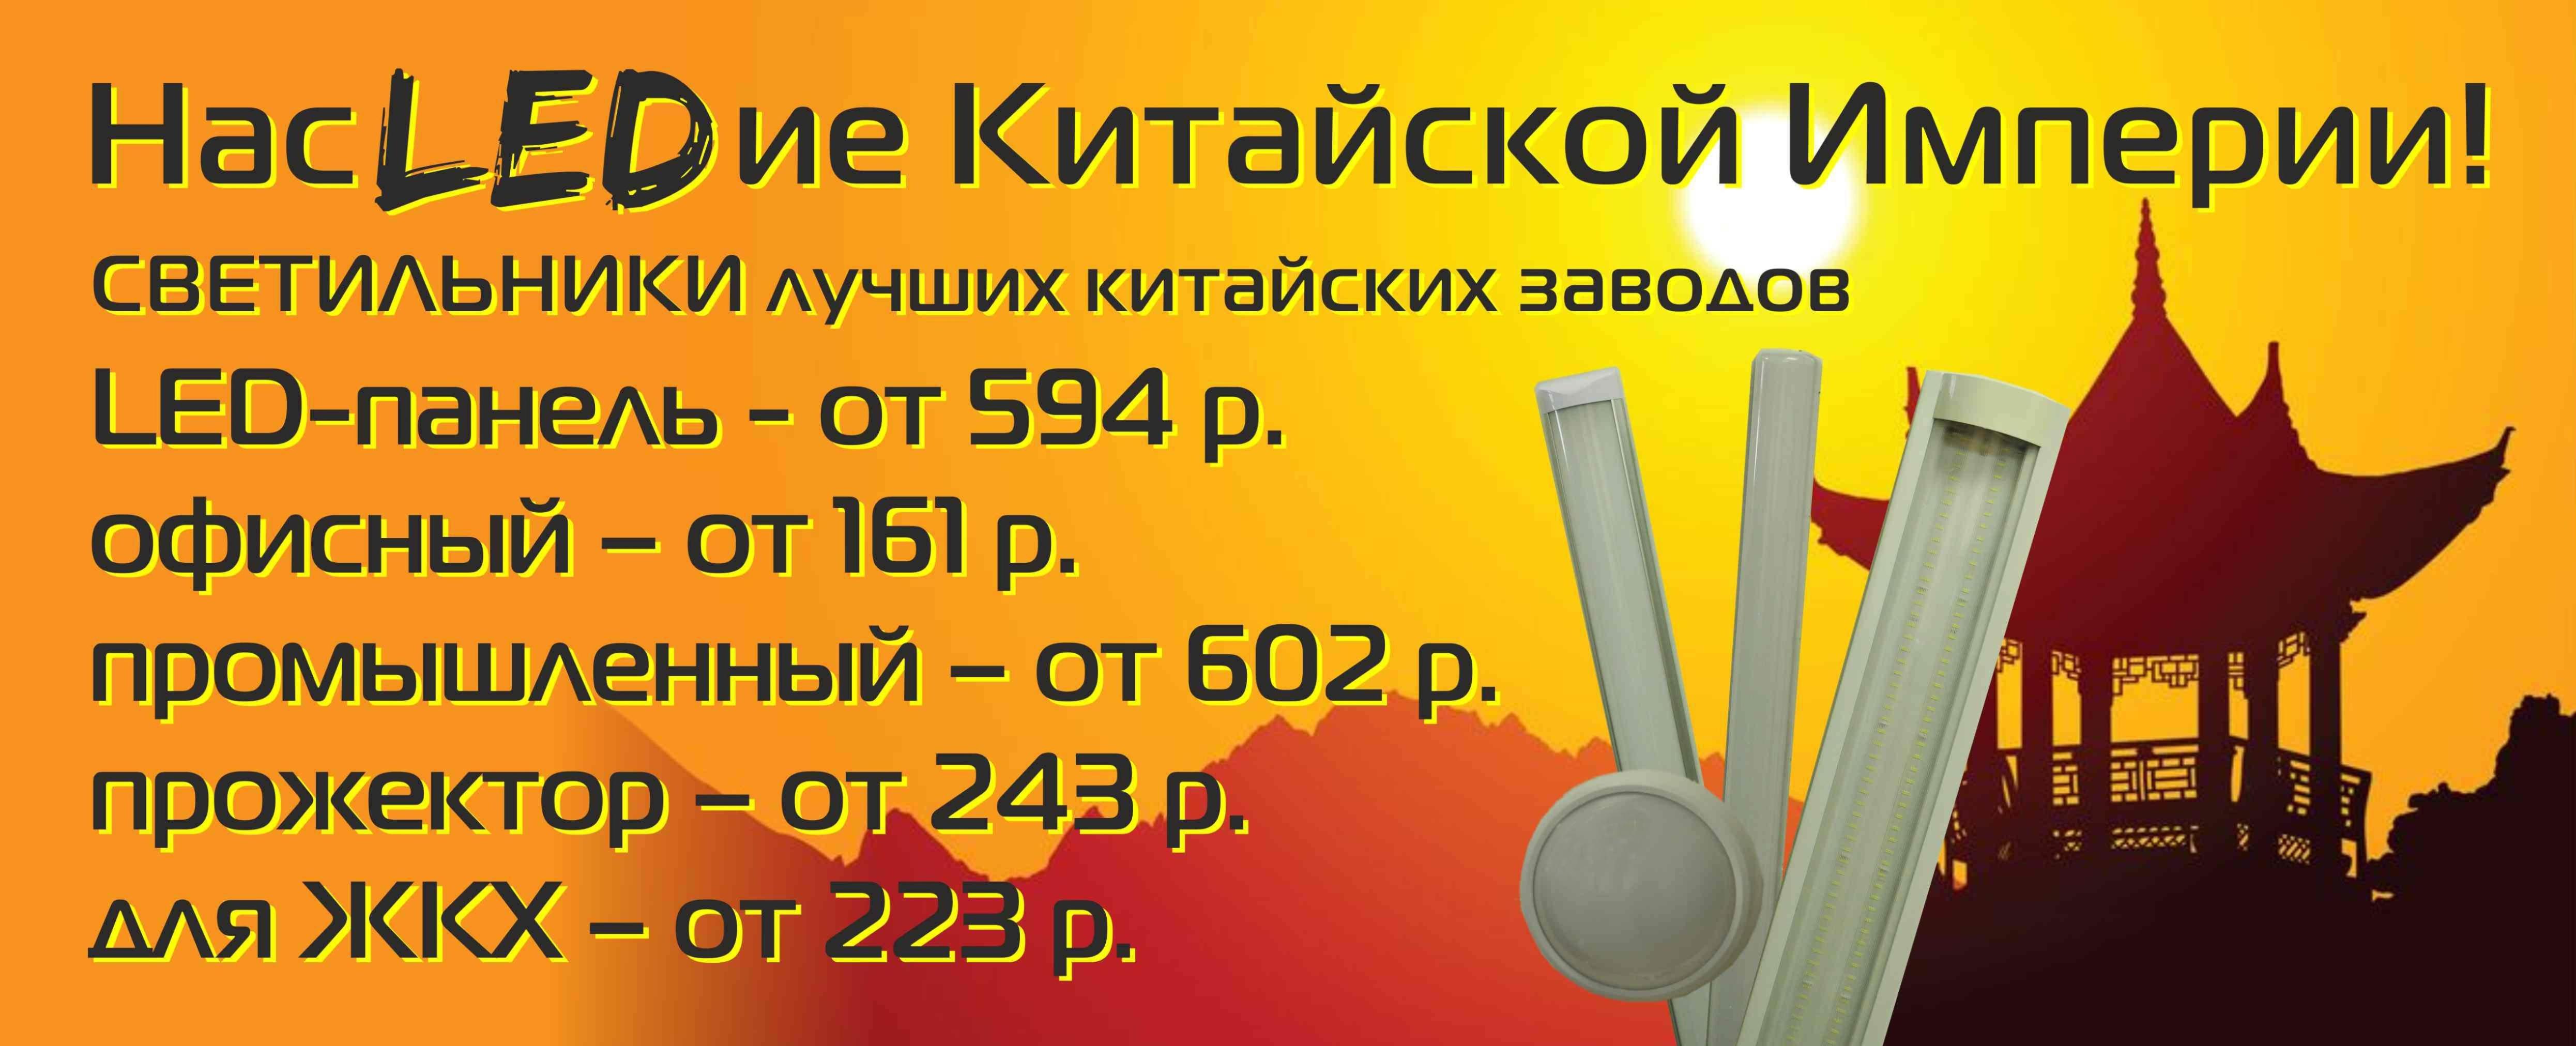 prodaza_led_svetilnikov